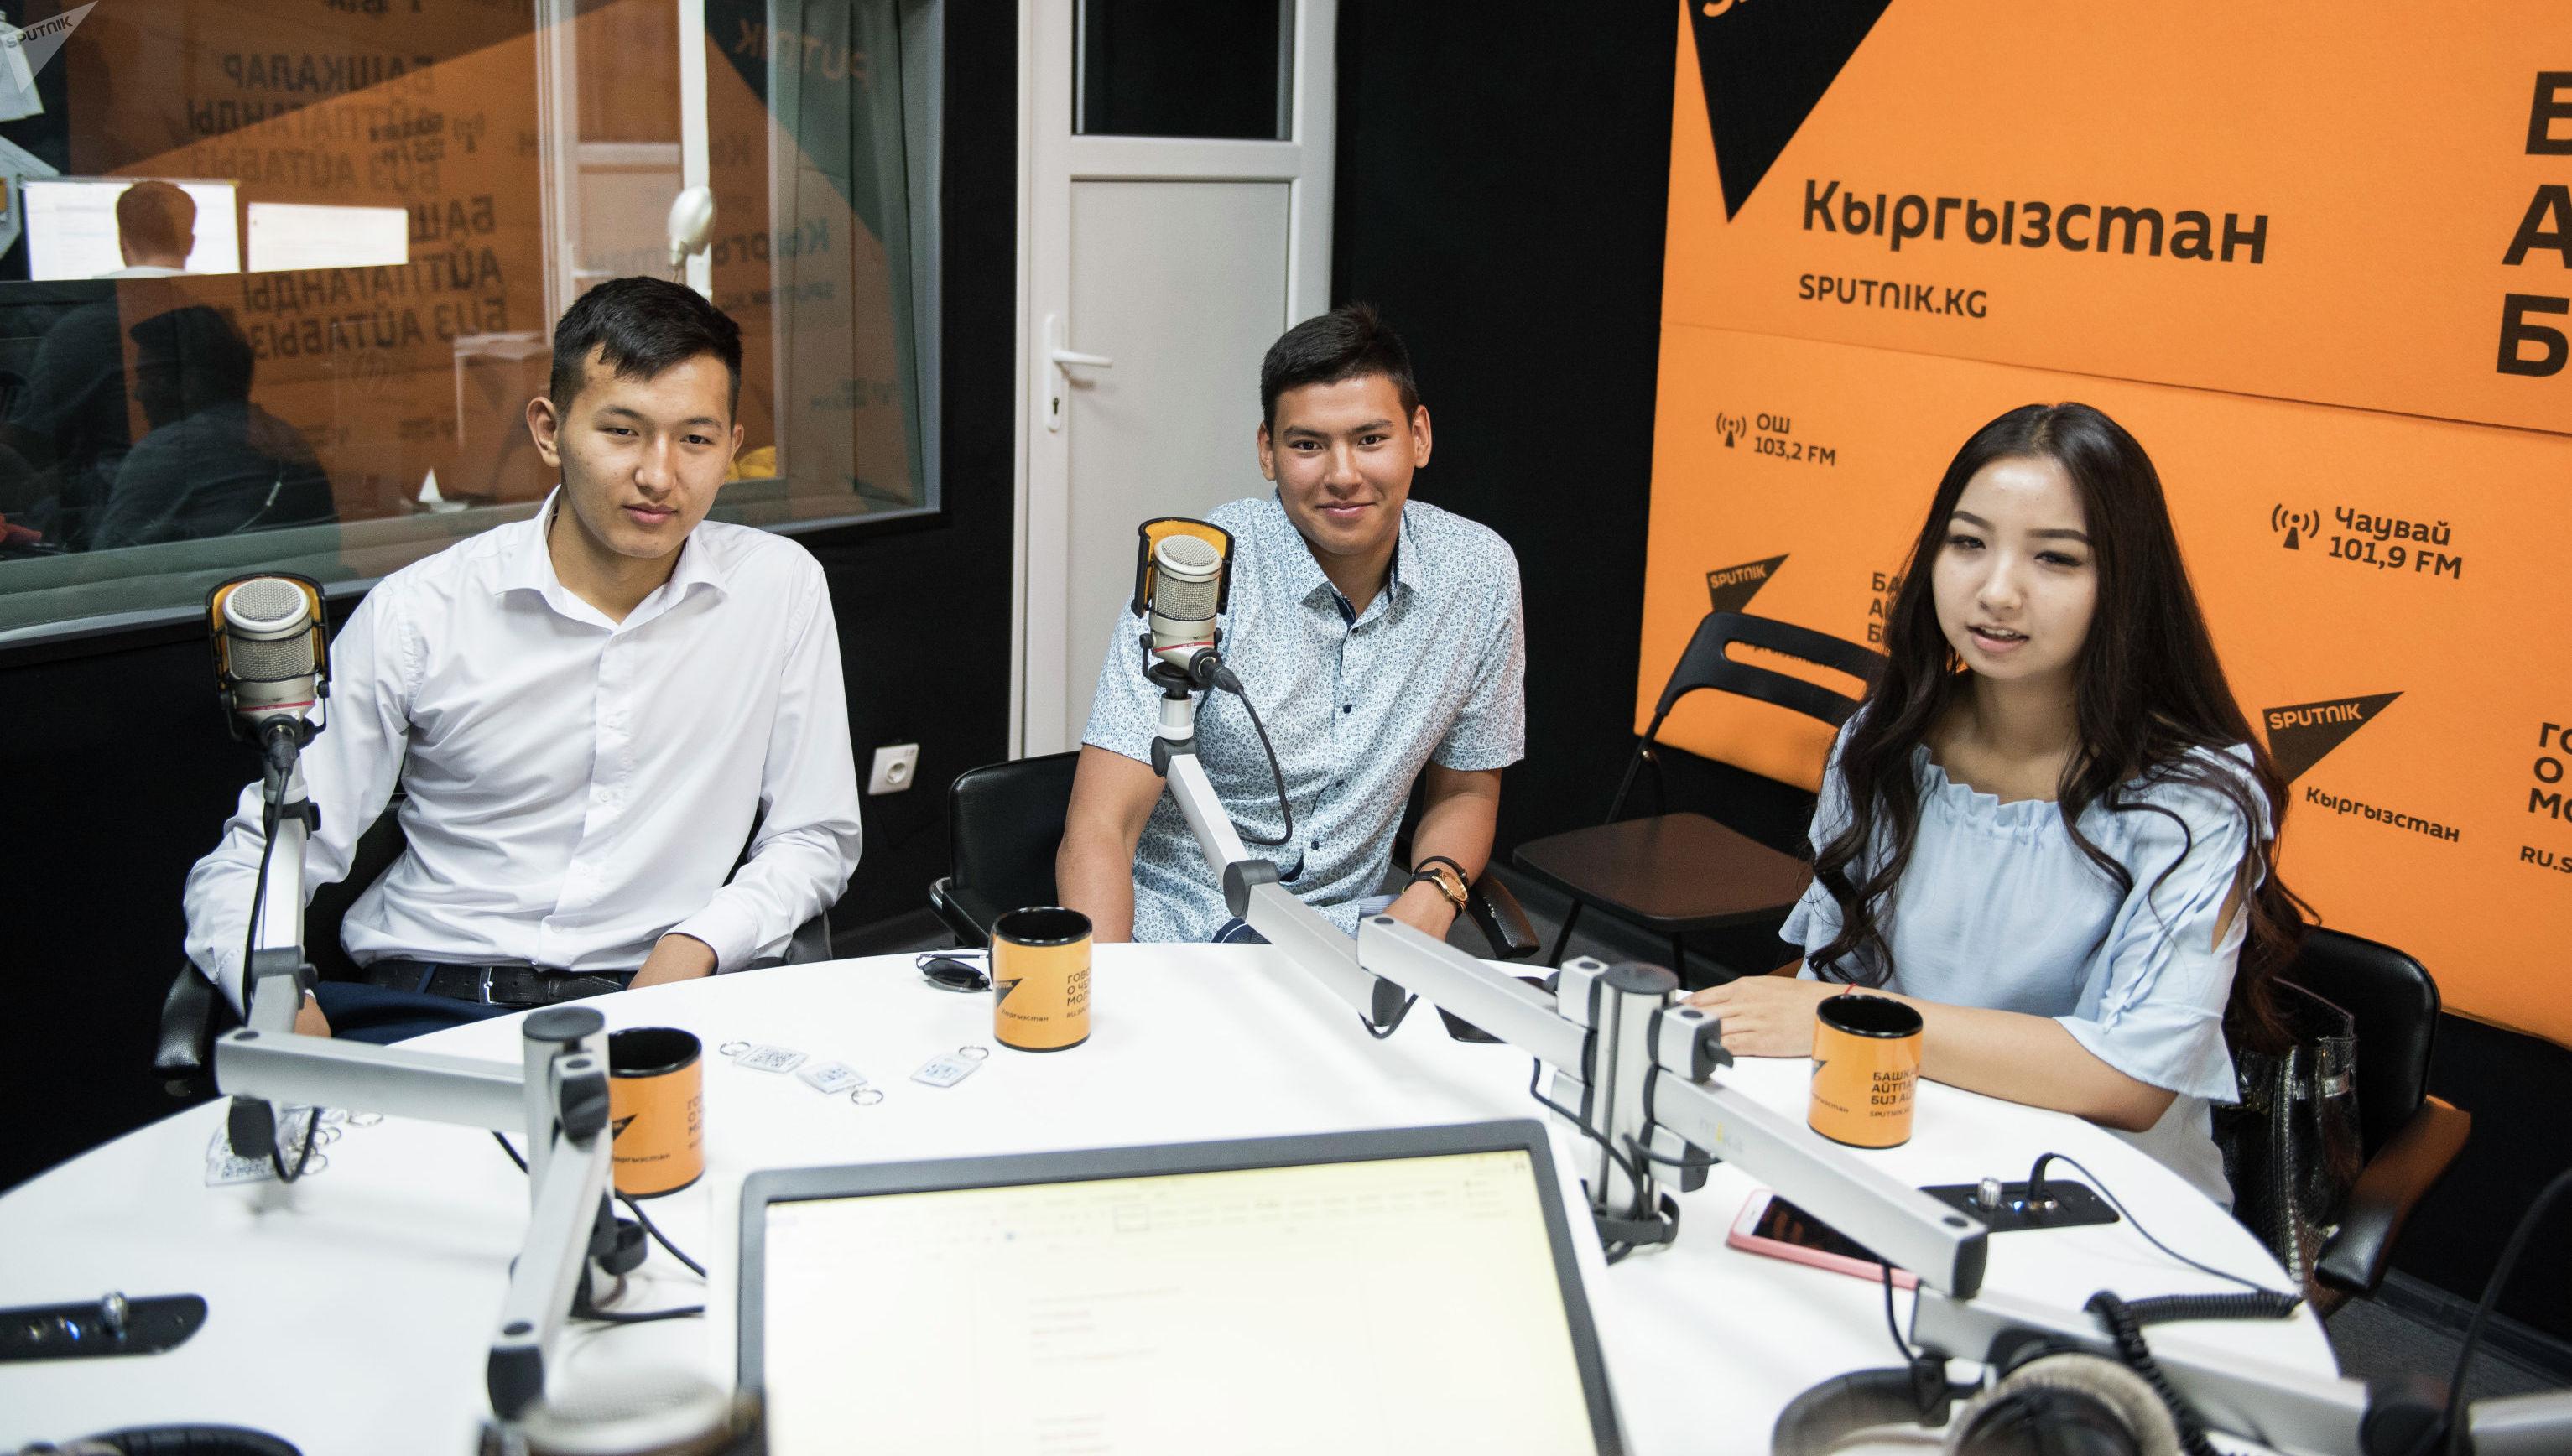 Студенты Кыргызского государственного технического университета Алишер Абдухадыров(посередине), Айдана Жусупбекова и Дастан Алмазбеков